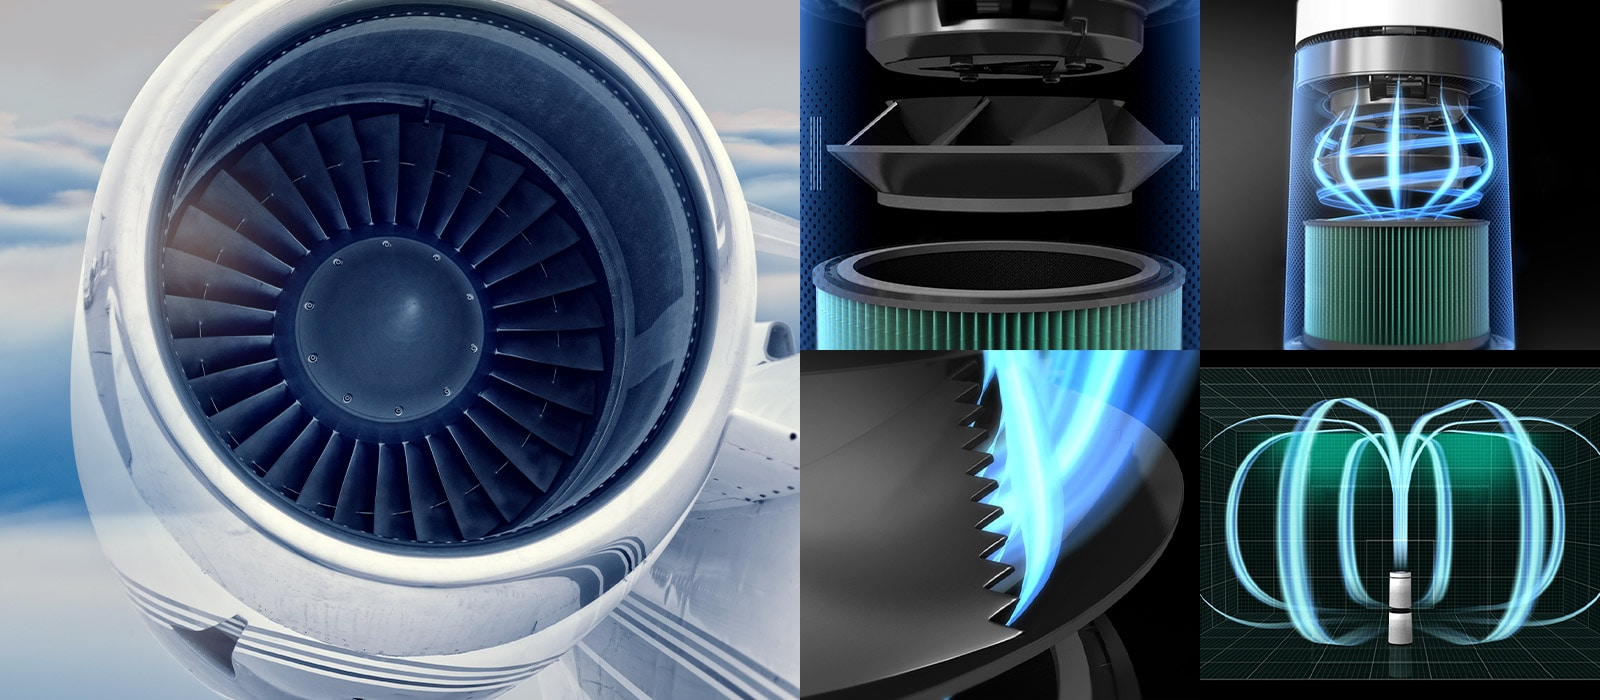 Có 2 hình ảnh. Bên trái là hình ảnh động cơ máy bay và bên phải là hình ảnh quạt của máy lọc không khi để so sánh và thể hiện việc cải thiện hiệu quả của quạt so với trước